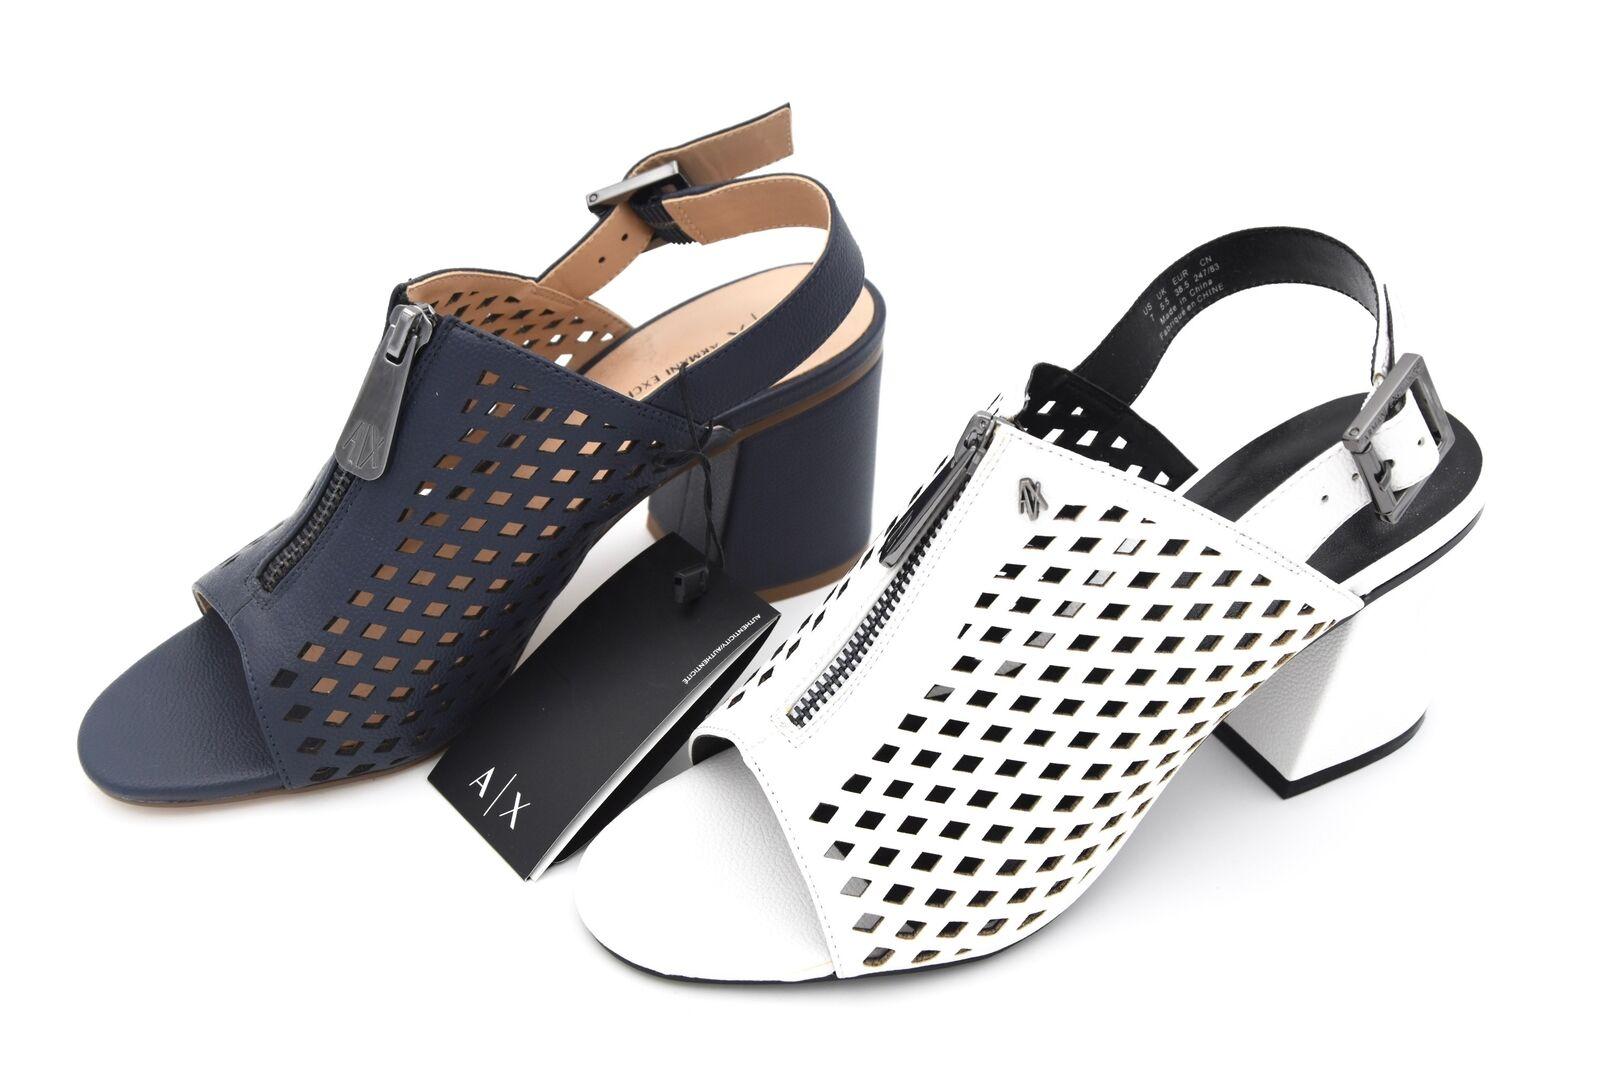 Armani Exchange donna scarpe Sandal  Open Toe Rubber Art.945072 8p458  godendo i tuoi acquisti